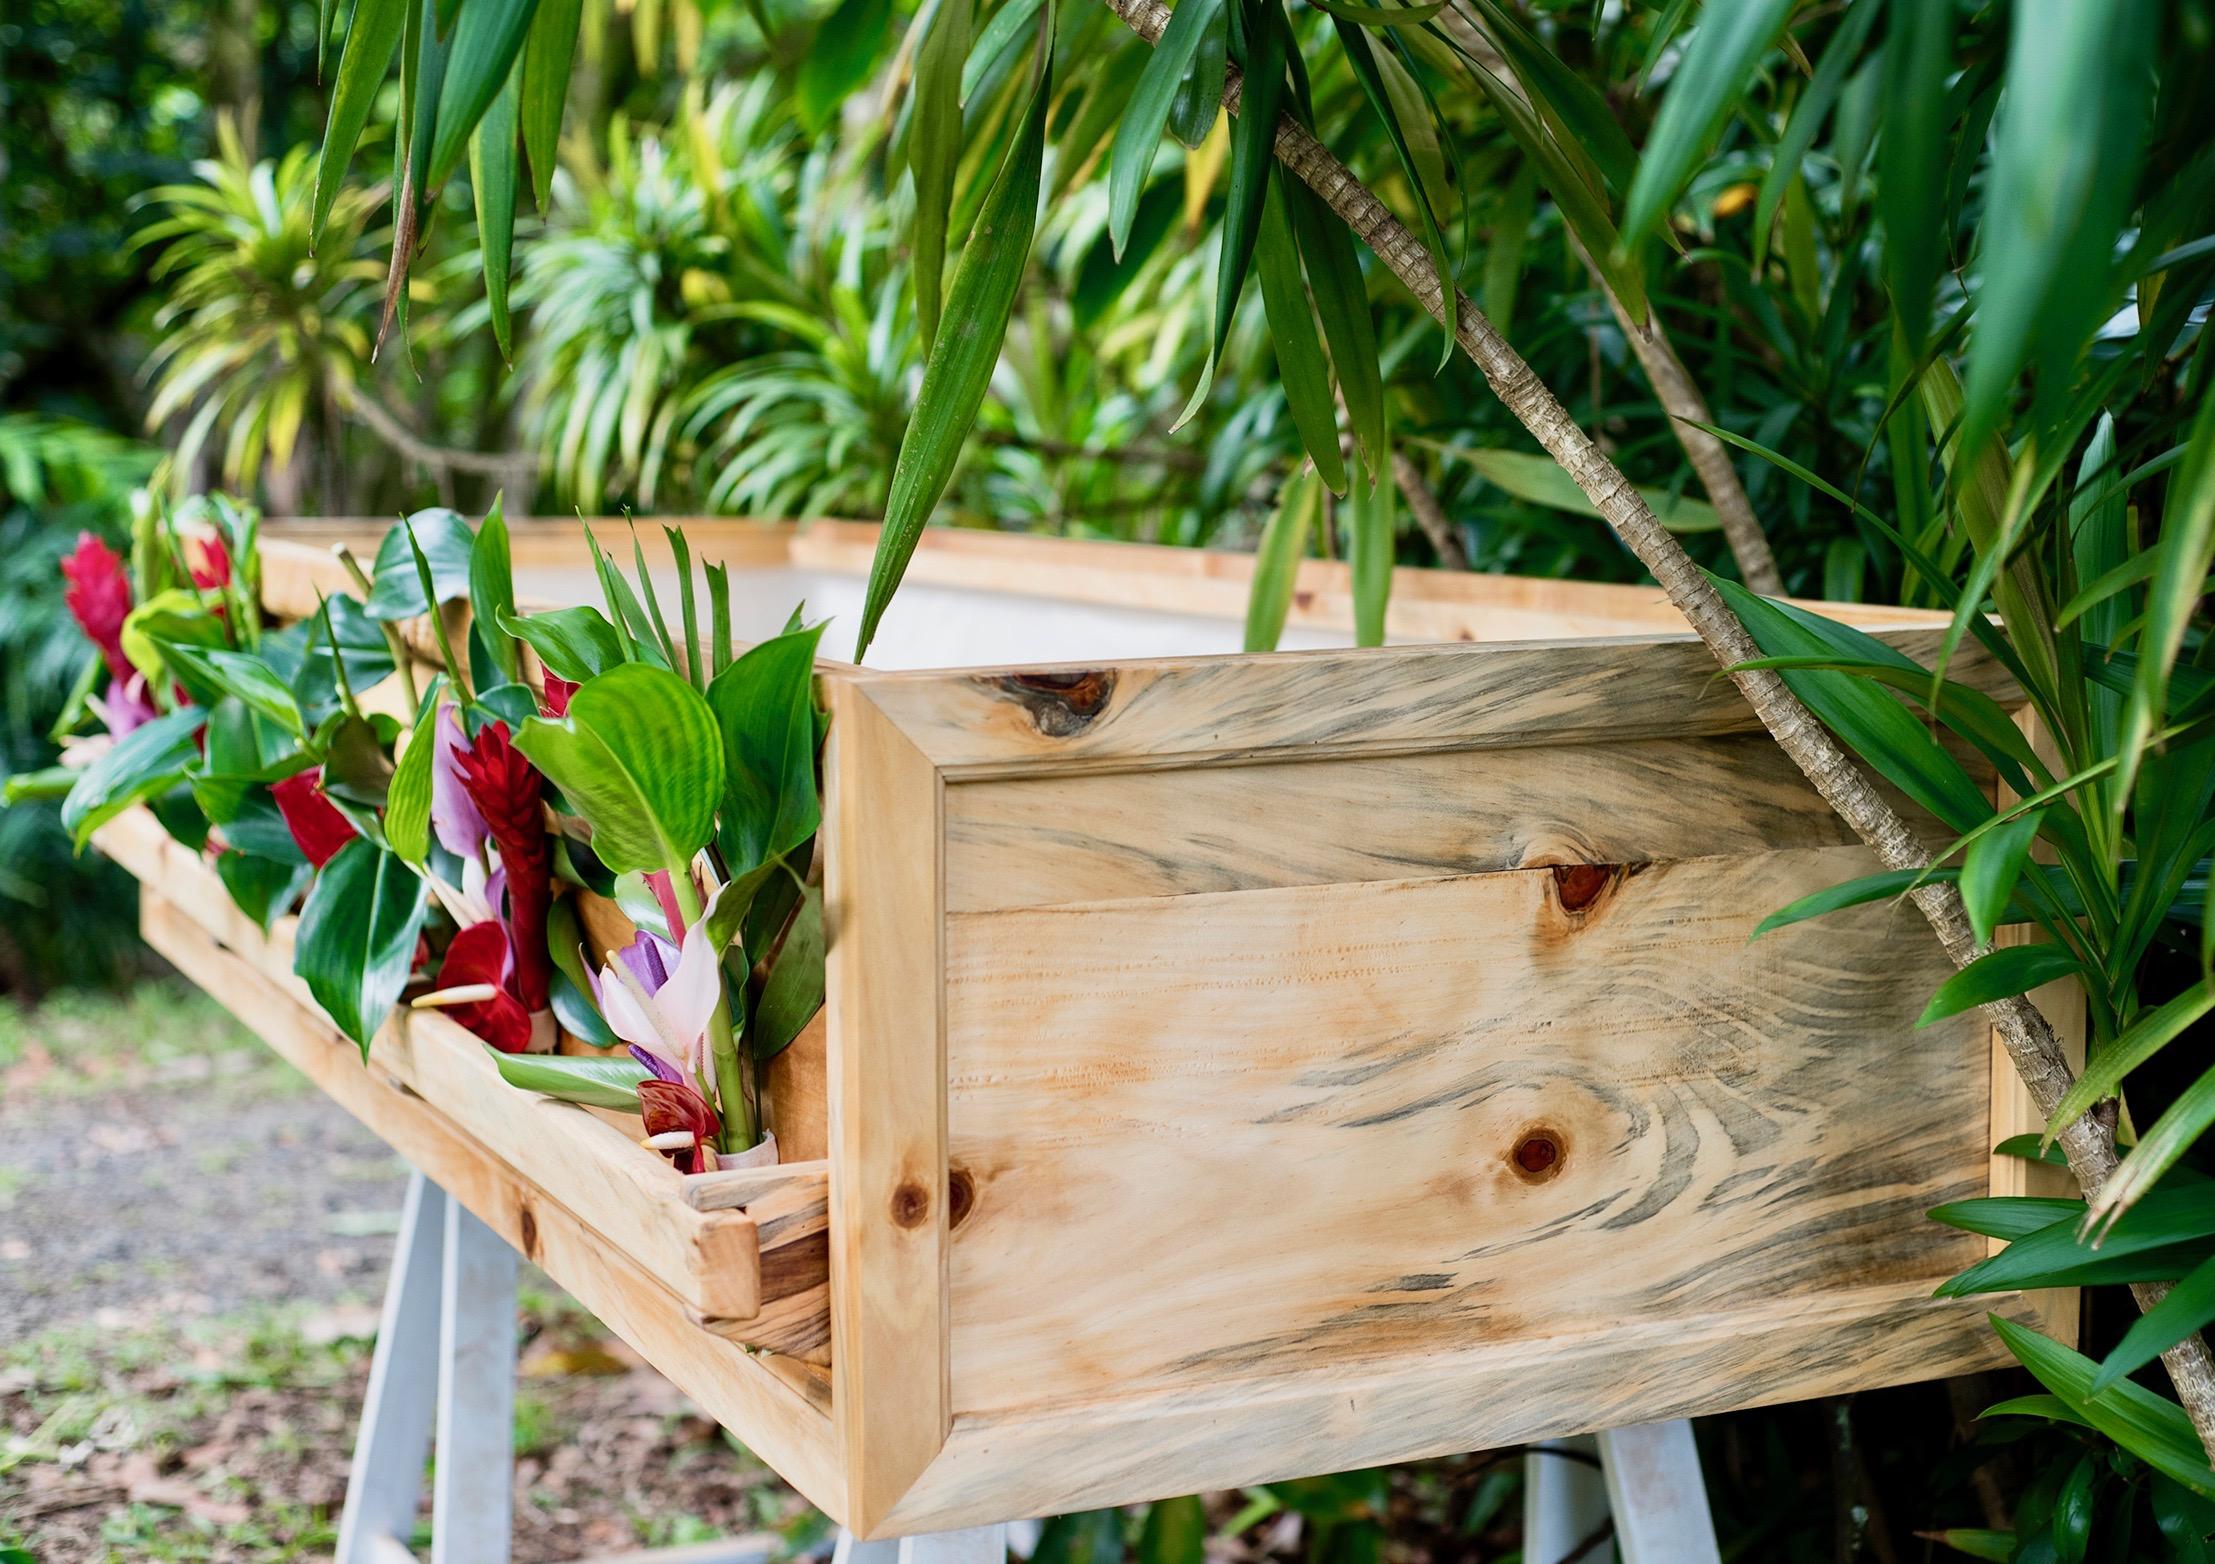 Pāhiki Eco-Caskets